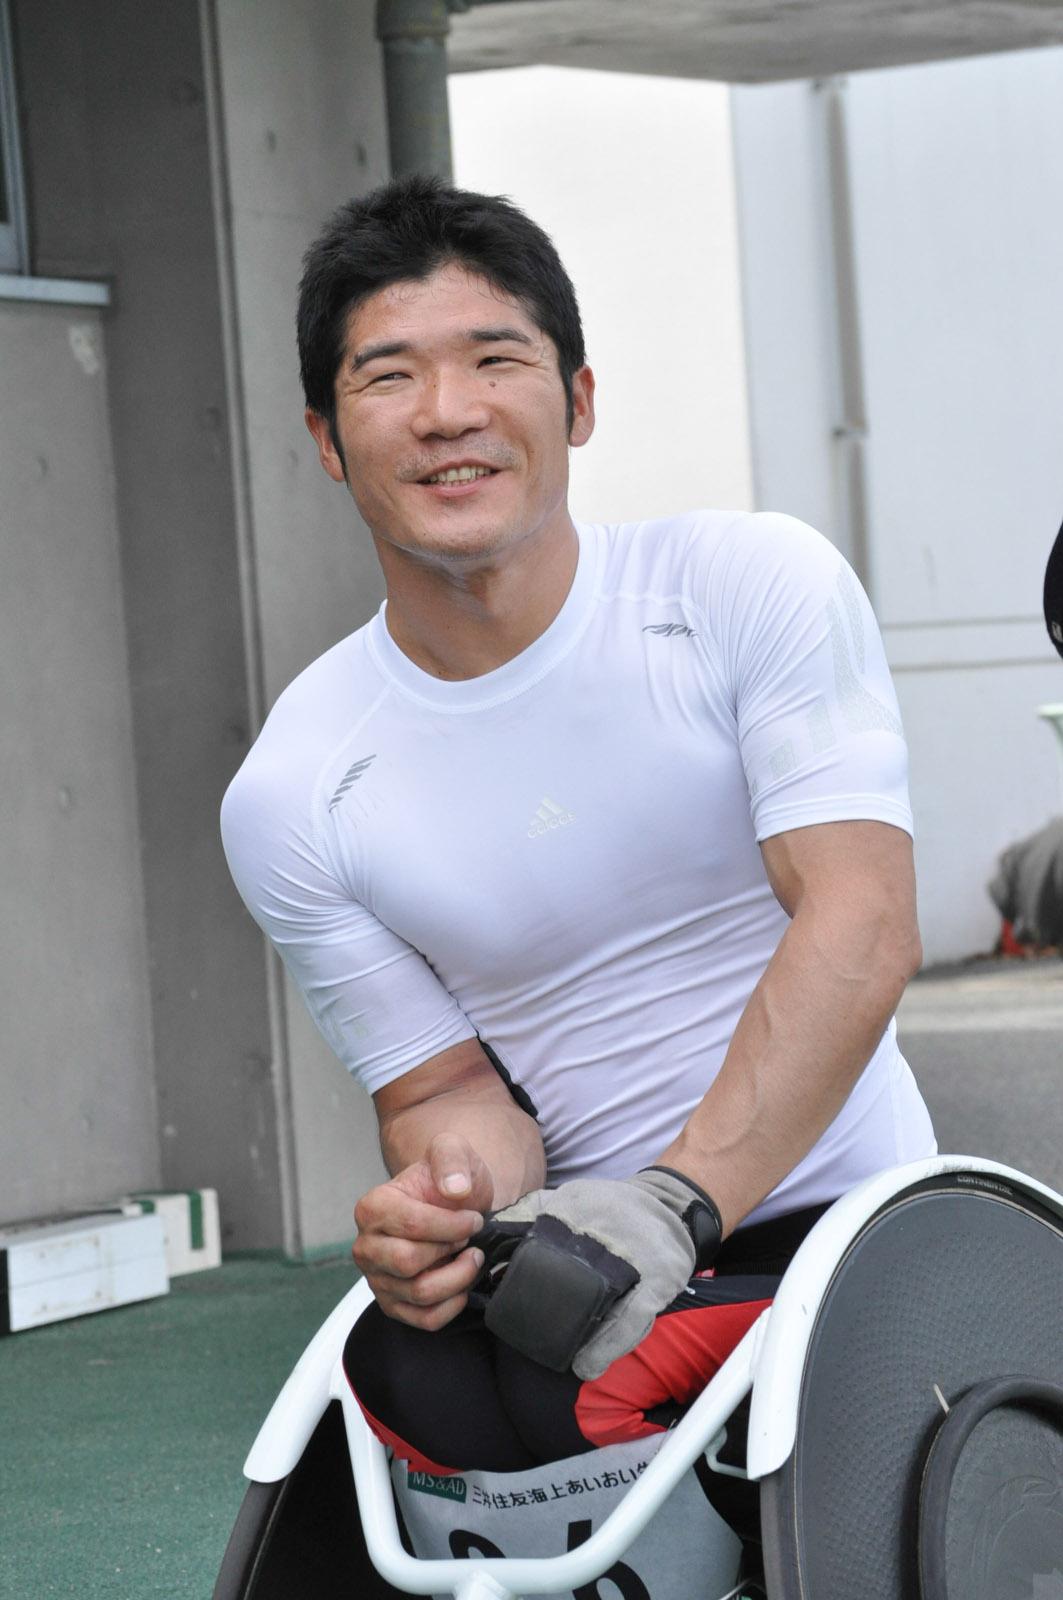 競技後、笑顔で談笑する樋口政幸選手